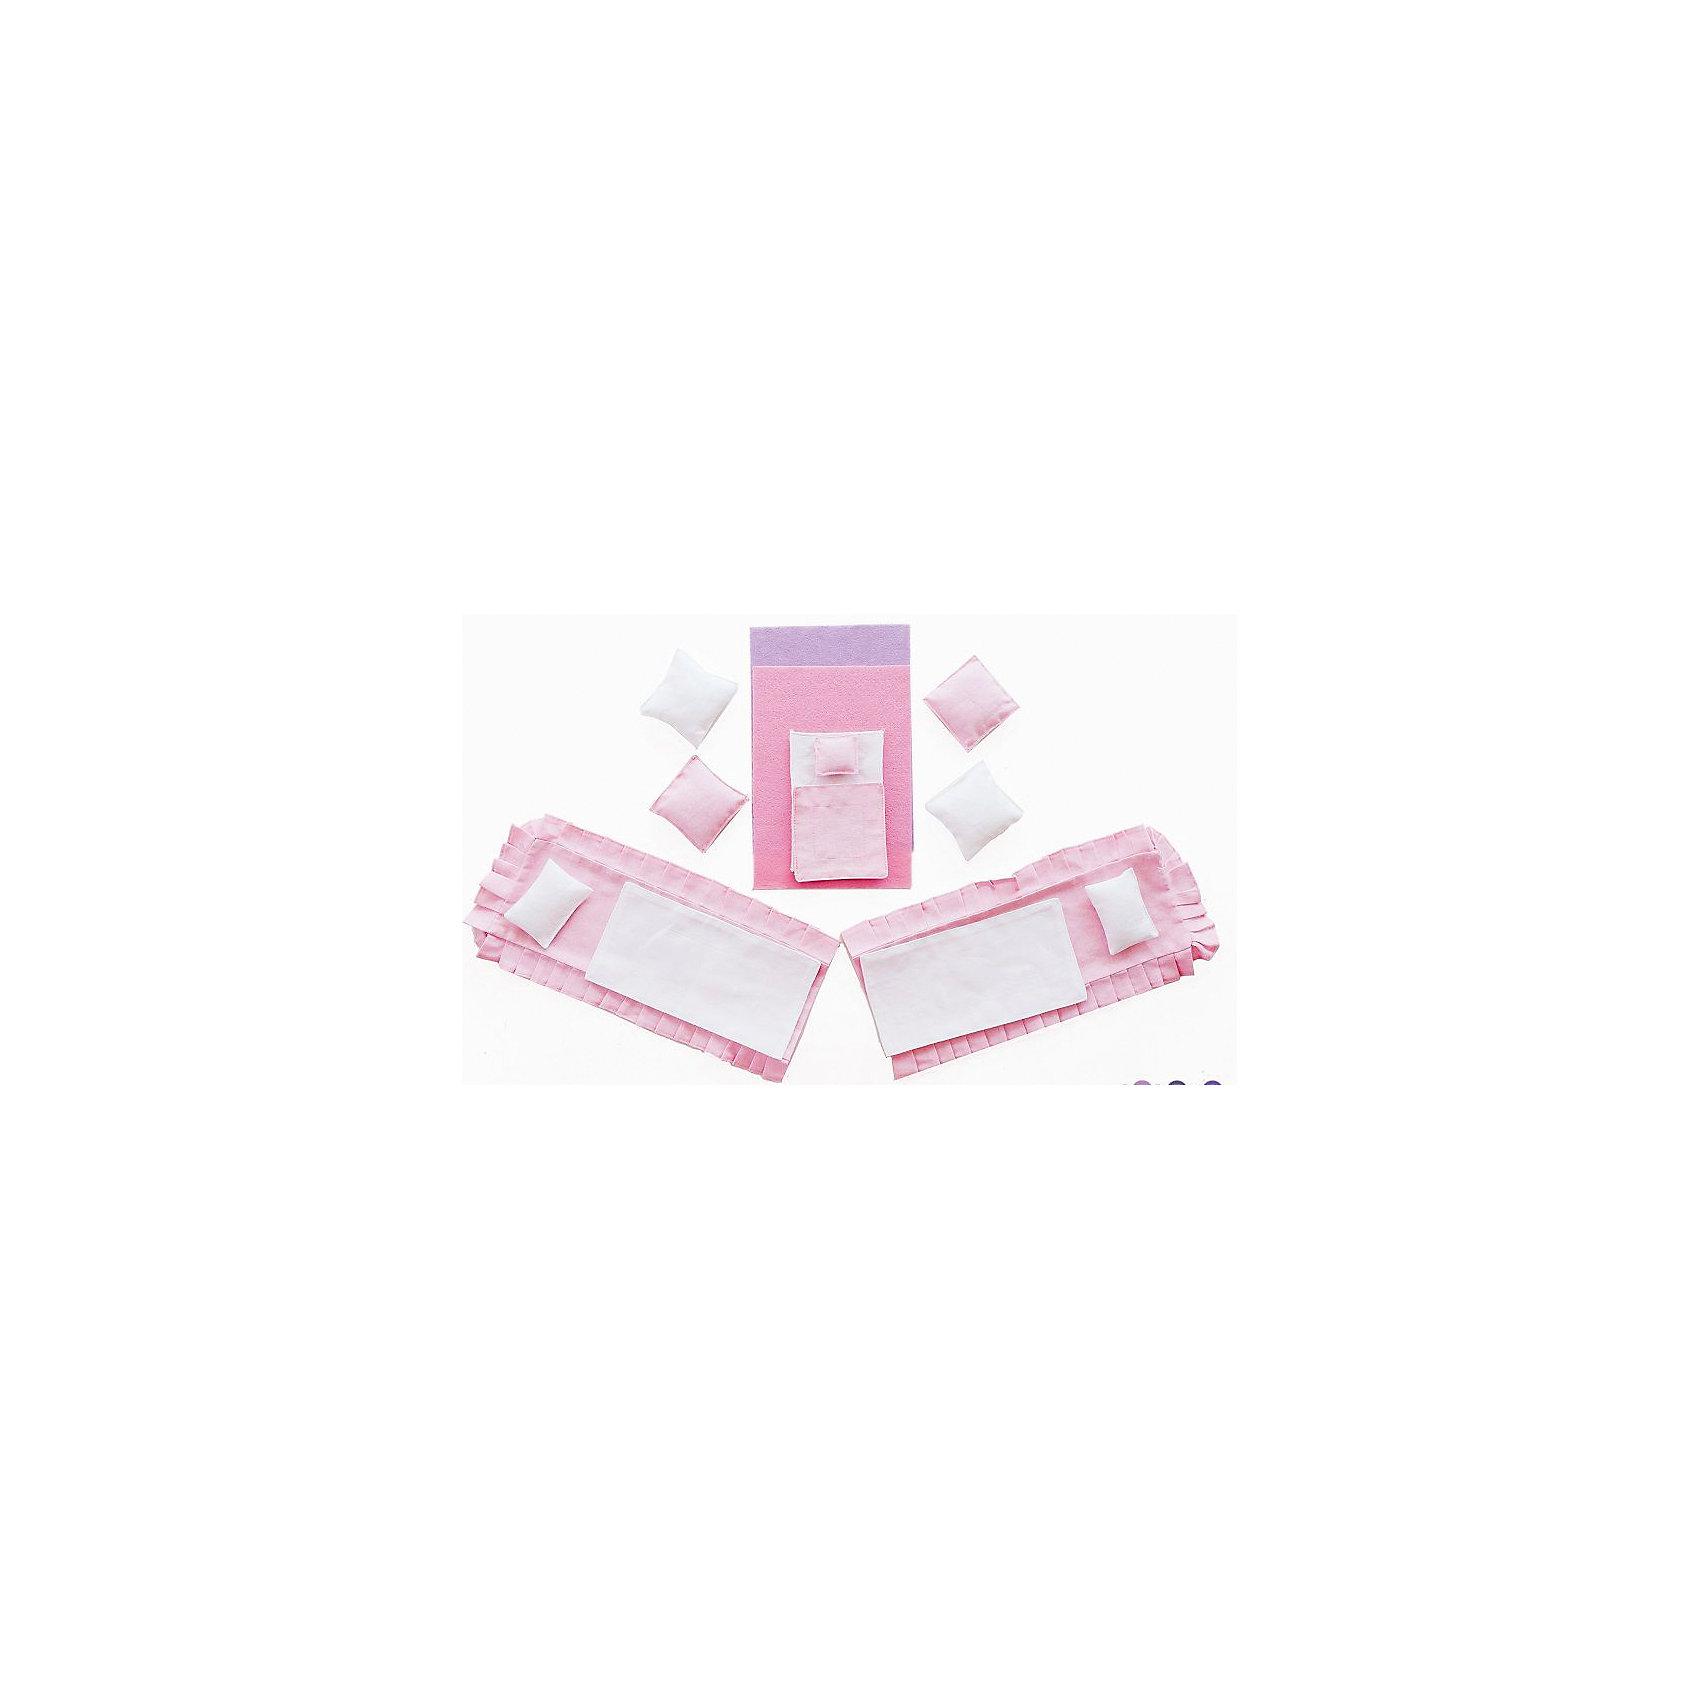 Набор текстиля для розовых домиков, Вдохновение, PAREMOНабор текстиля для розовых домиков, Вдохновение, PAREMO (Паремо).<br><br>Характеристики:<br><br>• Материал: текстиль<br>• Размер упаковки (см) 33х30х10<br>• Вес (кг) 0.2<br><br>В комплект входит 15 предметов: <br><br>• Для кукольных кроватей (по 2 шт.) - розовые простыни, белые одеяла, белые прямоугольные подушки.<br>• Для люльки - белая простыня, розовое одеяльце, розовая подушечка. <br>• Для дивана - 4 большие подушки (2 - розовые, 2 - белые).<br>• Розовый коврик в спальню.<br>• Сиреневый коврик в гостиную.<br><br>С таким набором текстиля прелестный розовый домик «Вдохновение» примет законченный вид. Мягкие подушечки, постельные принадлежности, а также коврики создадут теплую уютную атмосферу игрушечного домика. Ваша девочка почувствует себя настоящей хозяйкой очаровательного домика!<br><br>Набор текстиля для розовых домиков, Вдохновение, PAREMO (Паремо), можно купить в нашем интернет – магазине.<br><br>Ширина мм: 300<br>Глубина мм: 330<br>Высота мм: 10<br>Вес г: 200<br>Возраст от месяцев: 36<br>Возраст до месяцев: 120<br>Пол: Женский<br>Возраст: Детский<br>SKU: 4979523